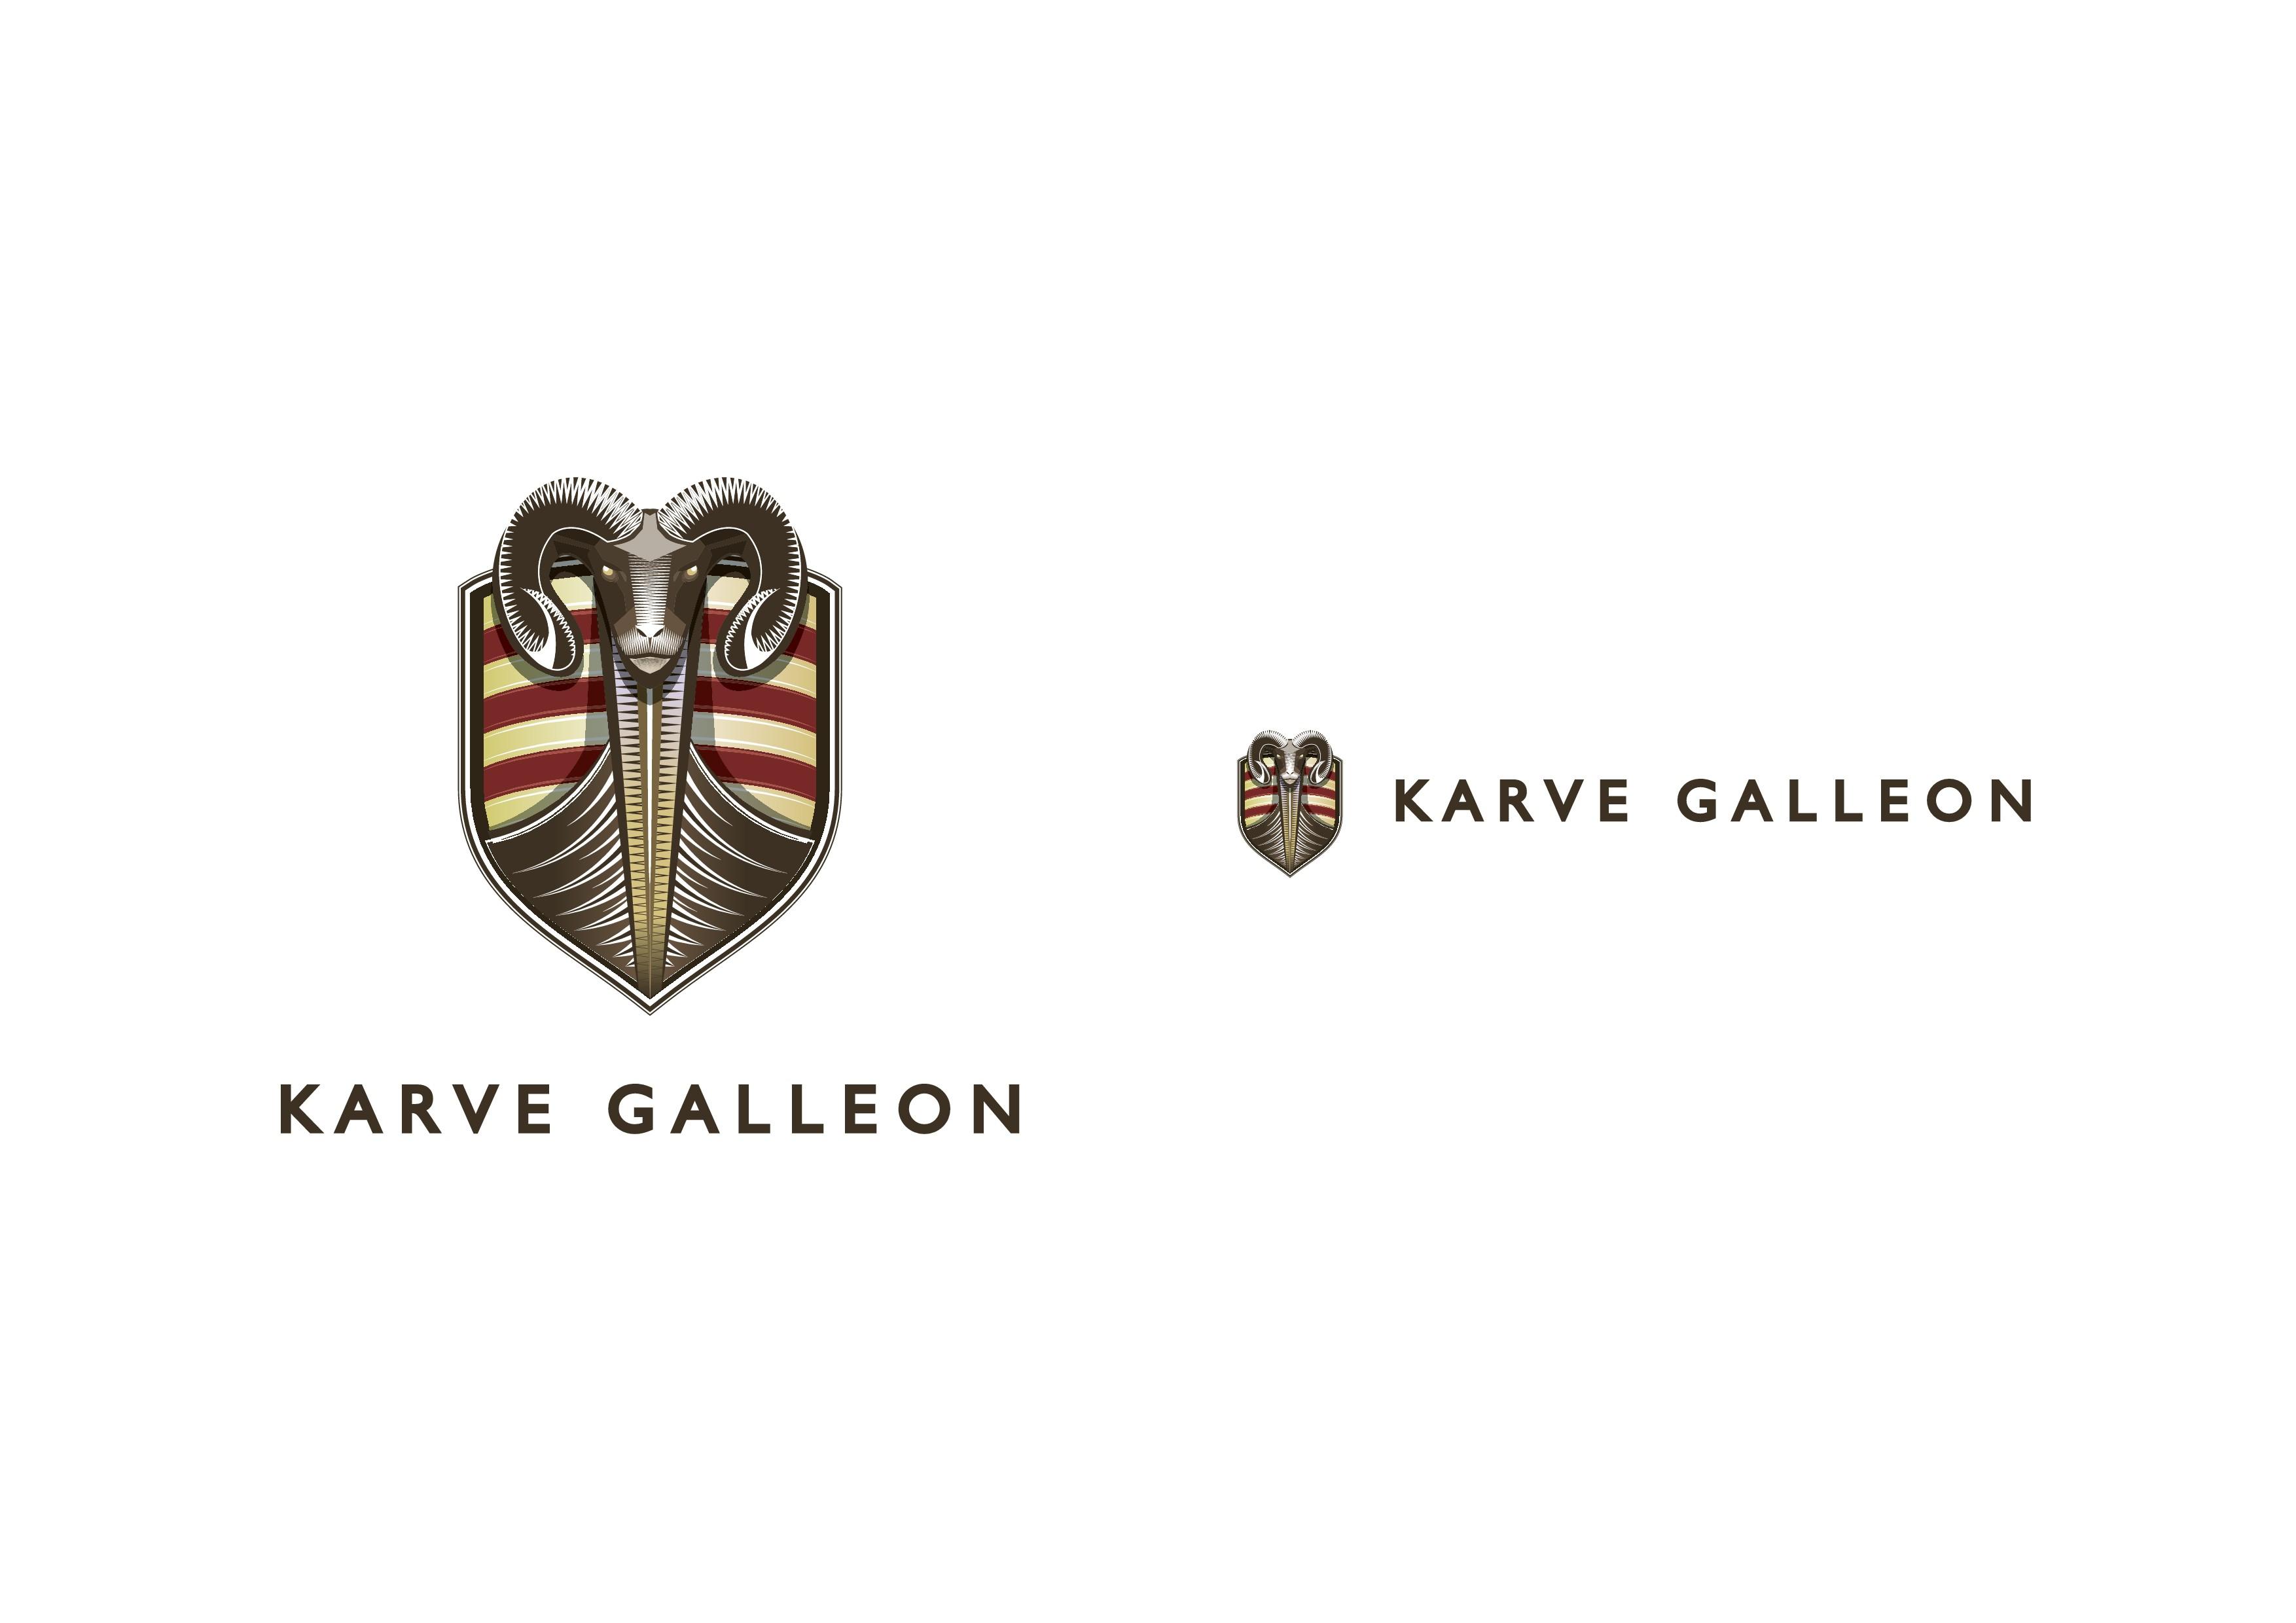 KarveGallion